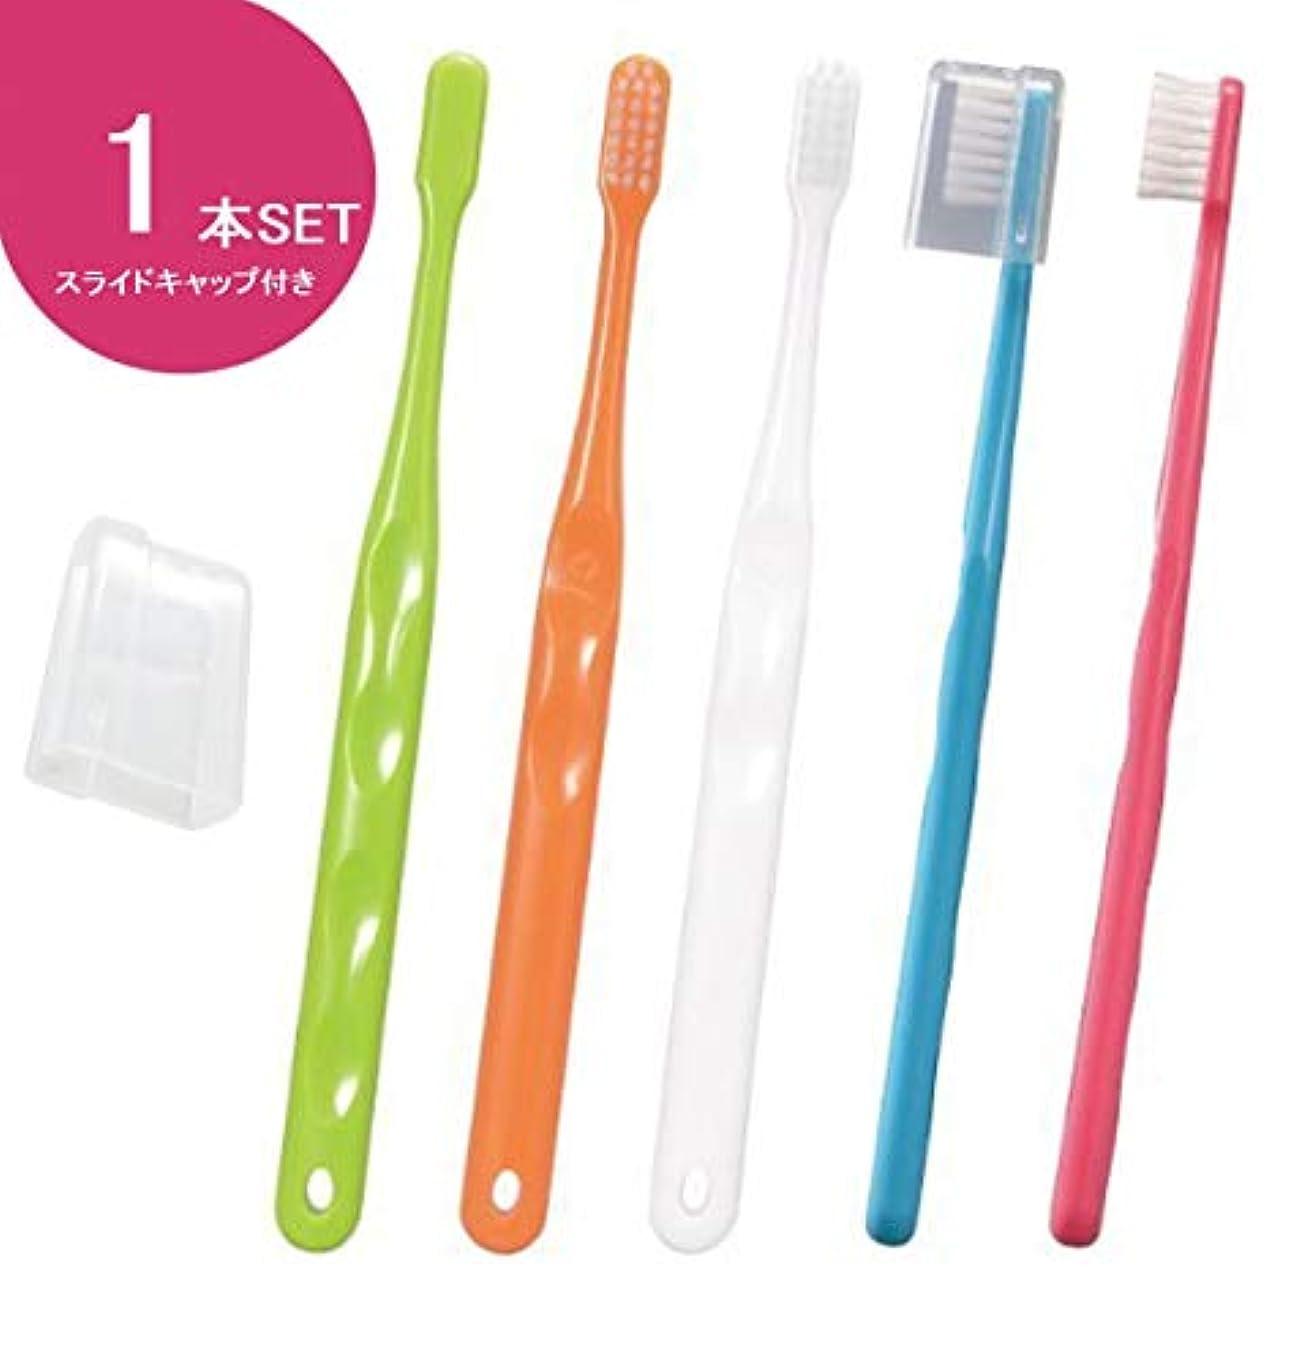 熟達二鎮静剤Ciメディカル Ci700 (超先細+ラウンド毛) 歯ブラシ S(やわらかめ) スライドキャップ付き 1本